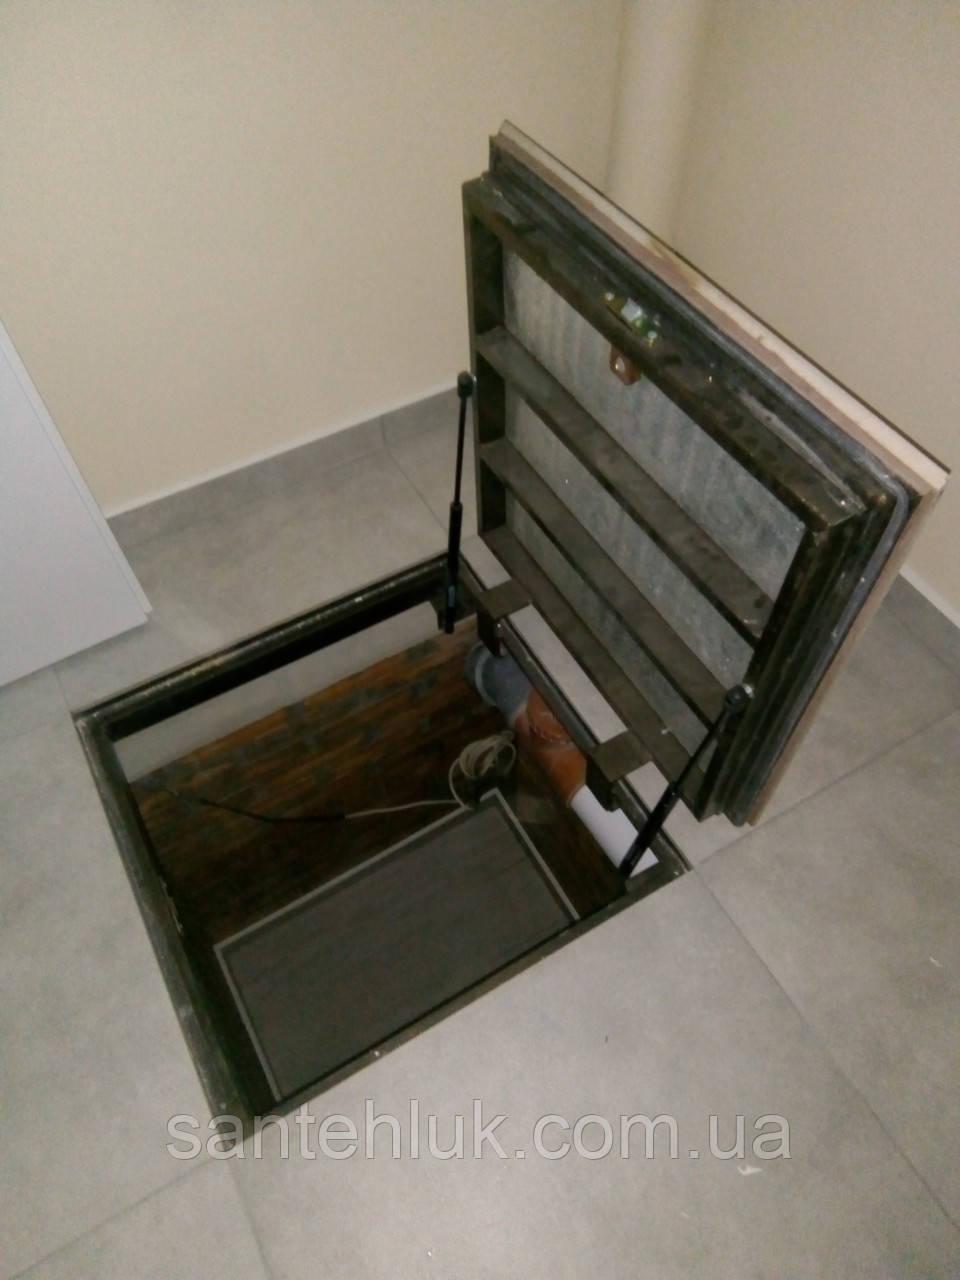 Люк в подвал 800х900 герметичный  утепленный . Напольный люк в пол, подвал на газовых амортизаторах